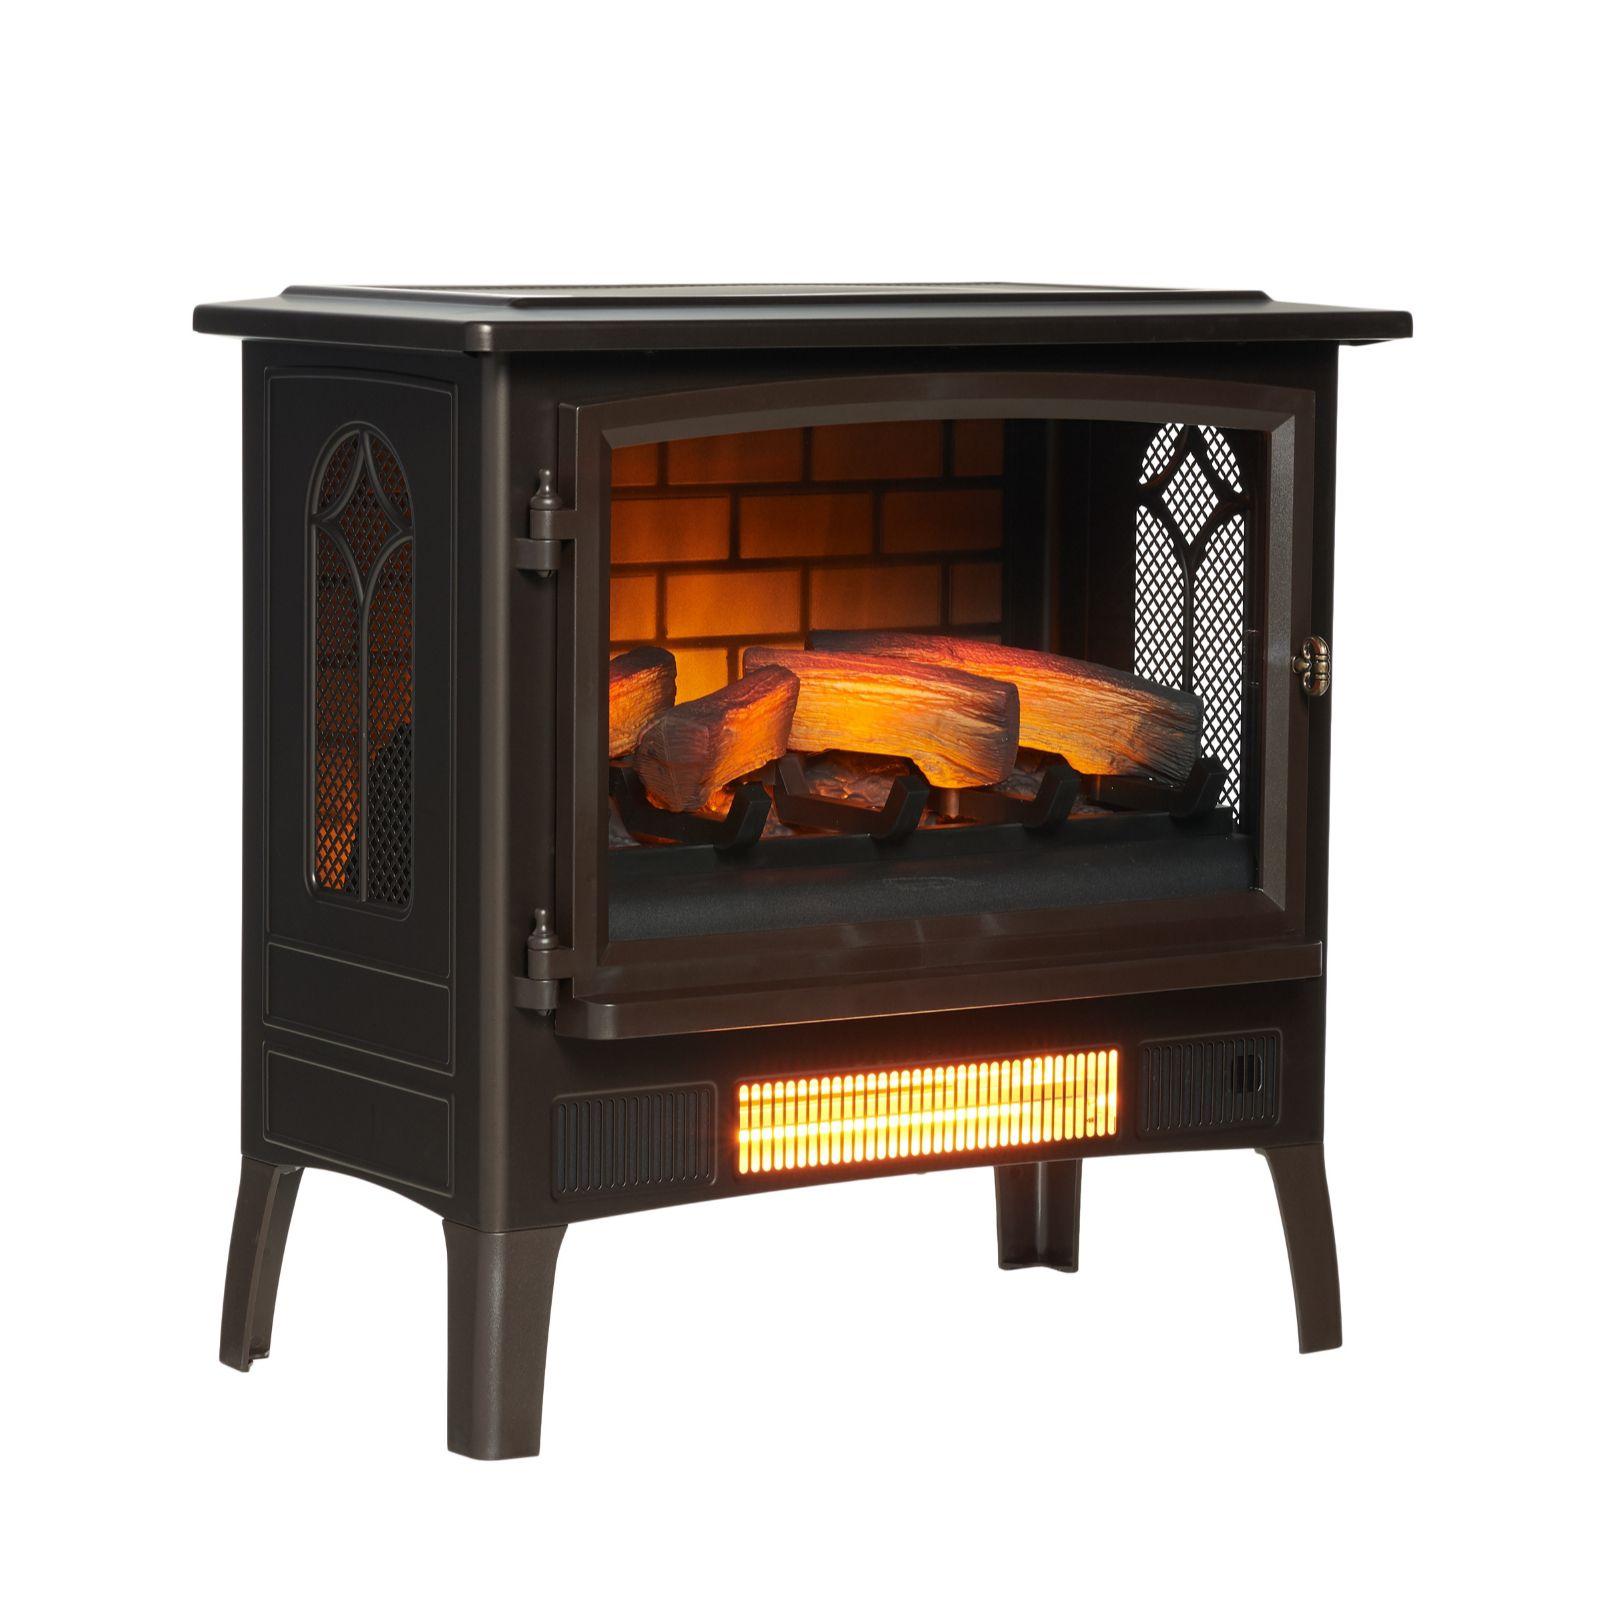 powerheat log burner style infragen heater w 3d flame effect rh qvcuk com